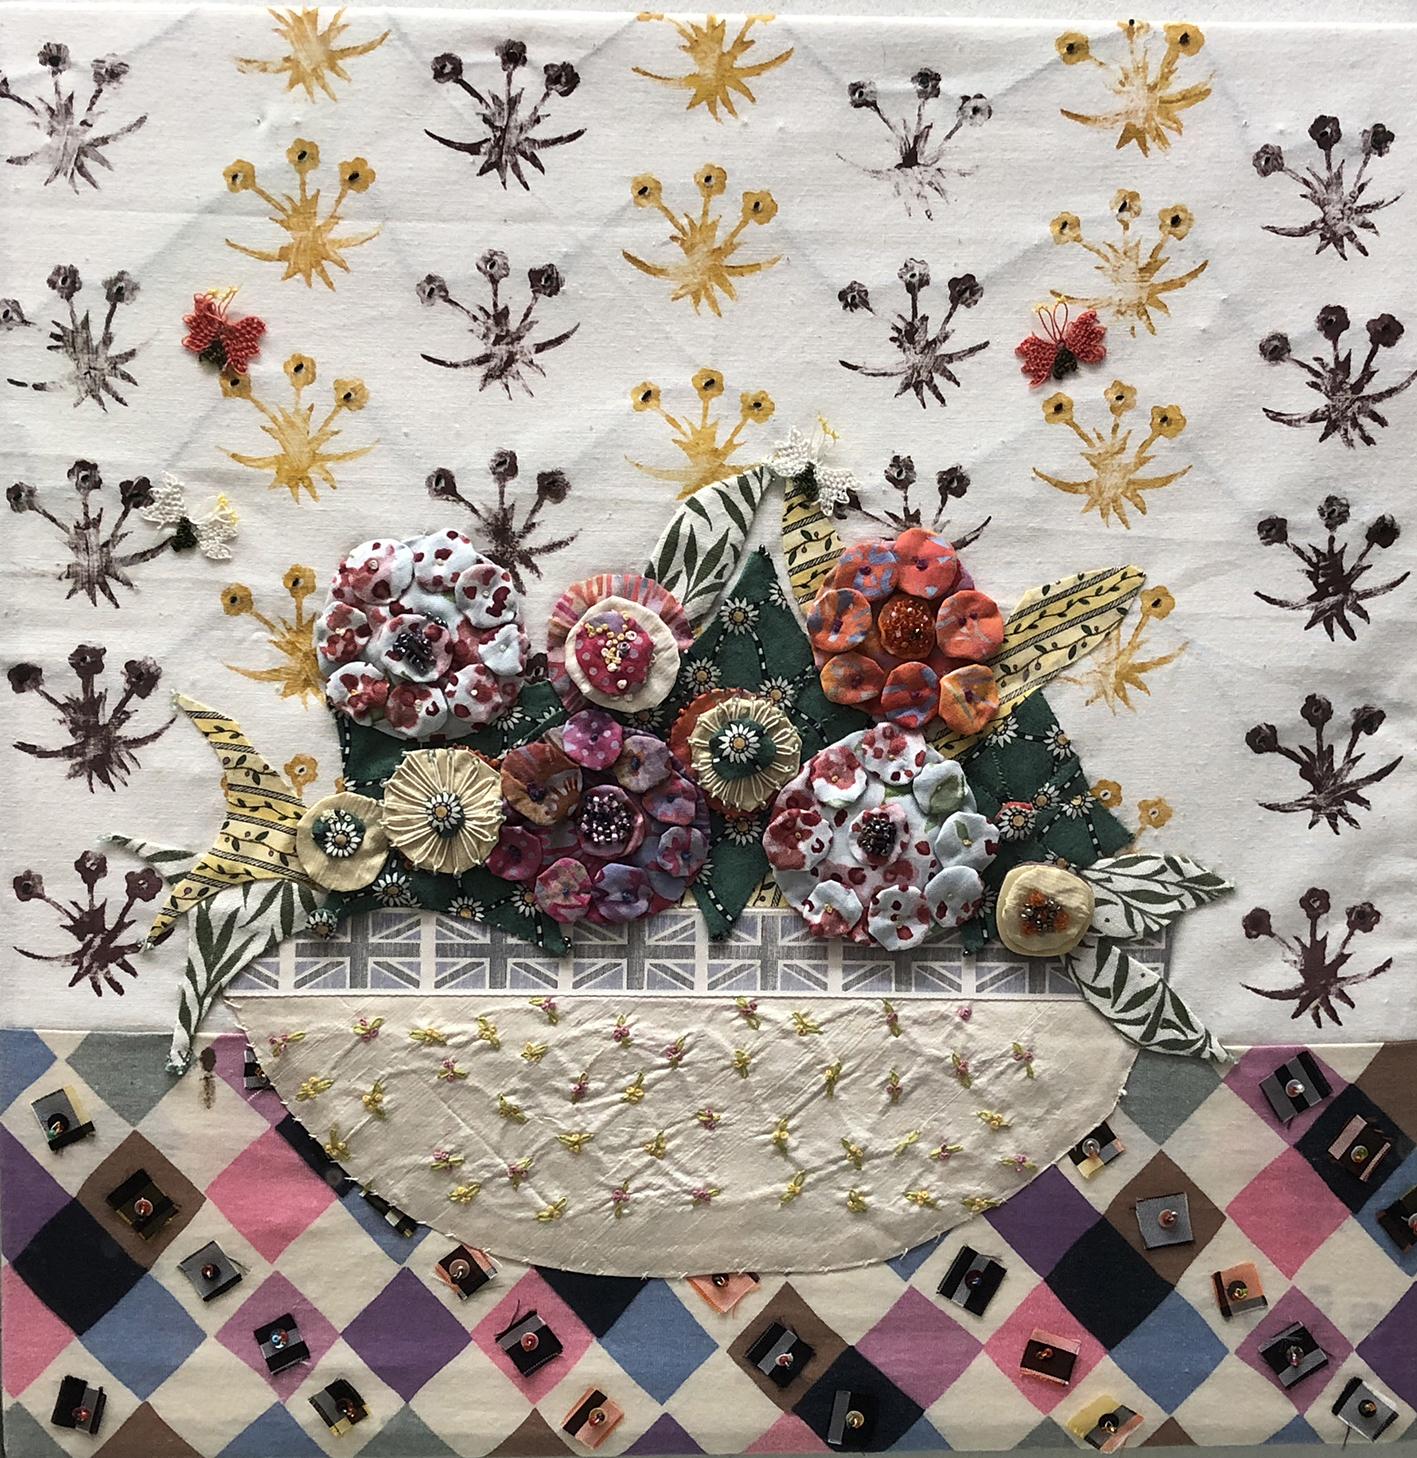 2012 floral bowl